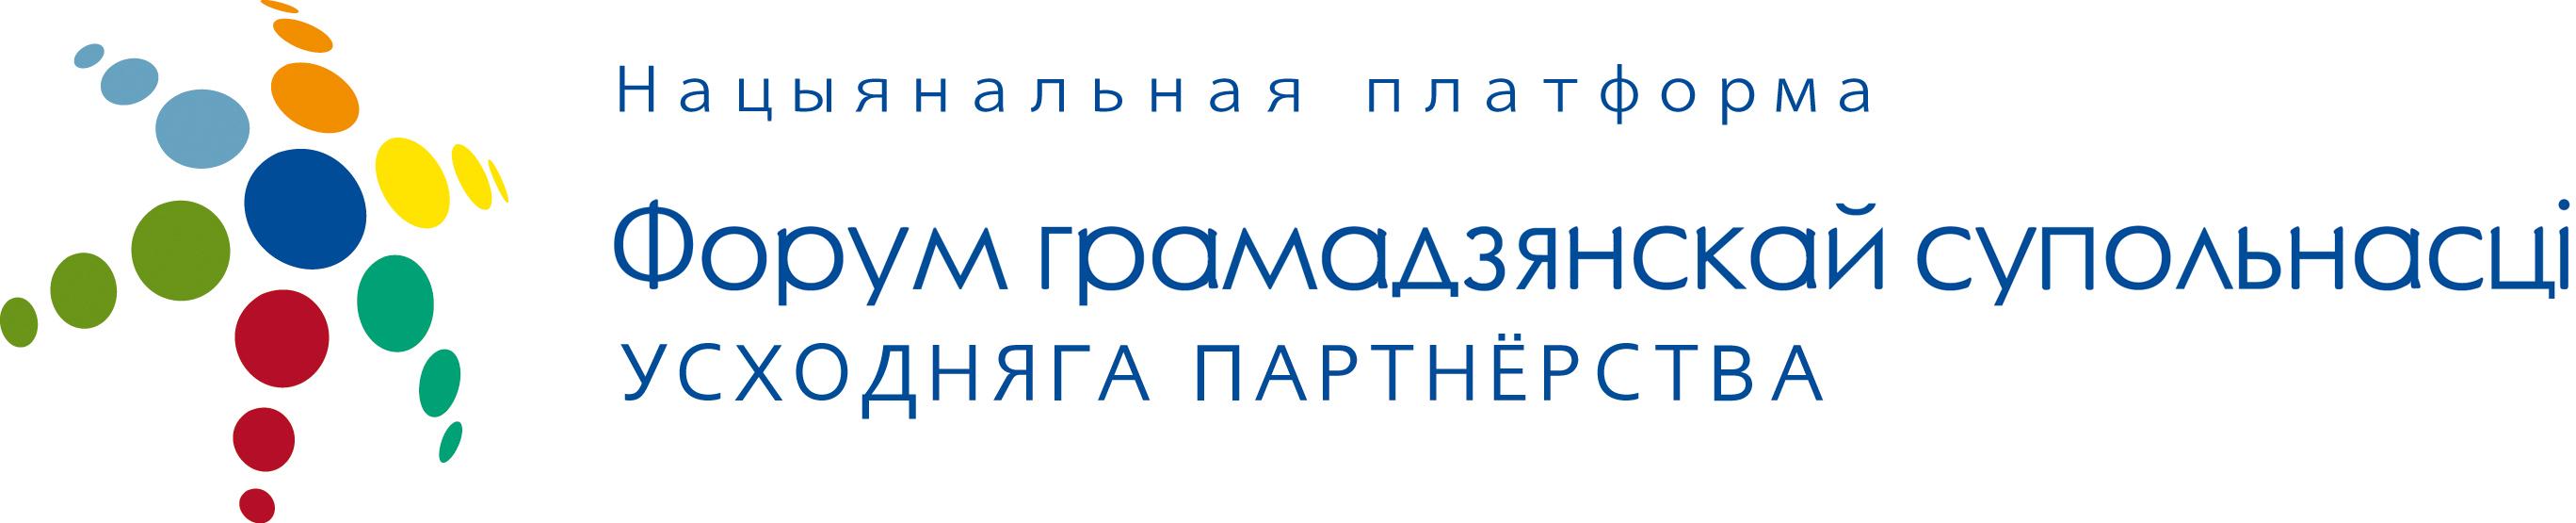 Рэзалюцыя Пра ўзмацненне пагрозаў незалежнасці Беларусі